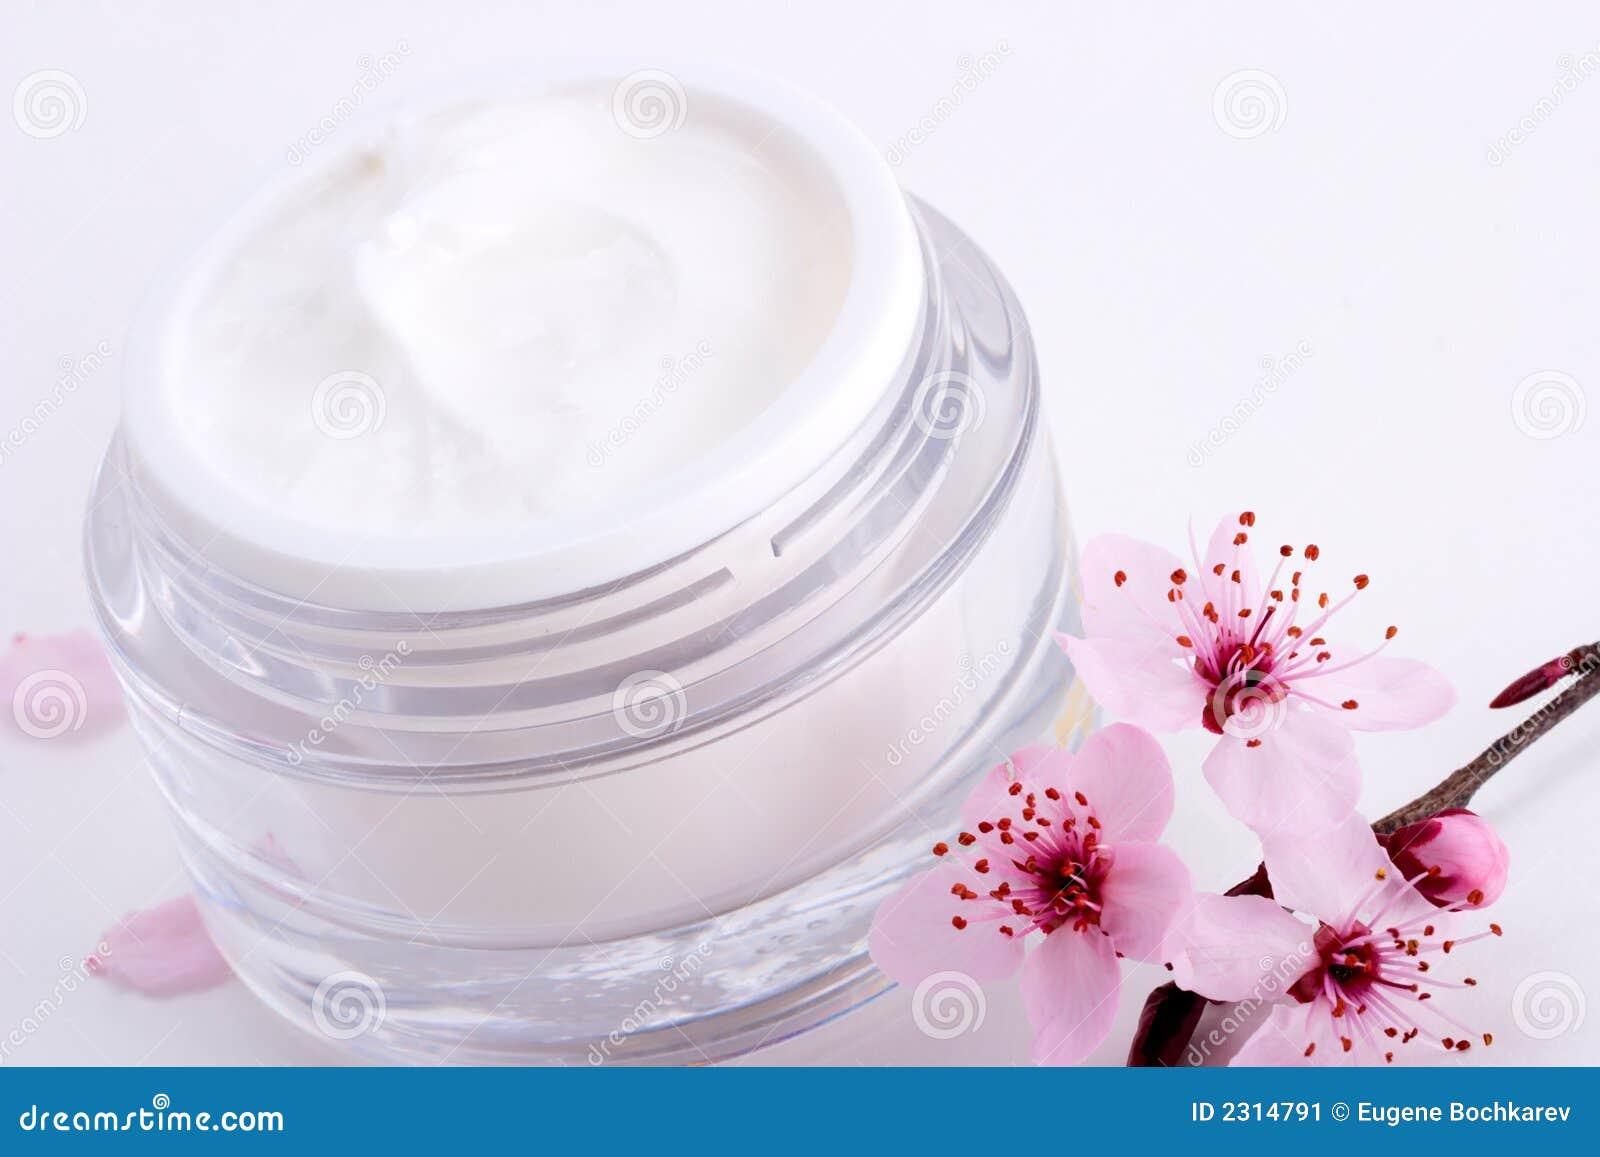 Moisturizing Cream Stock Image - Image: 2314791